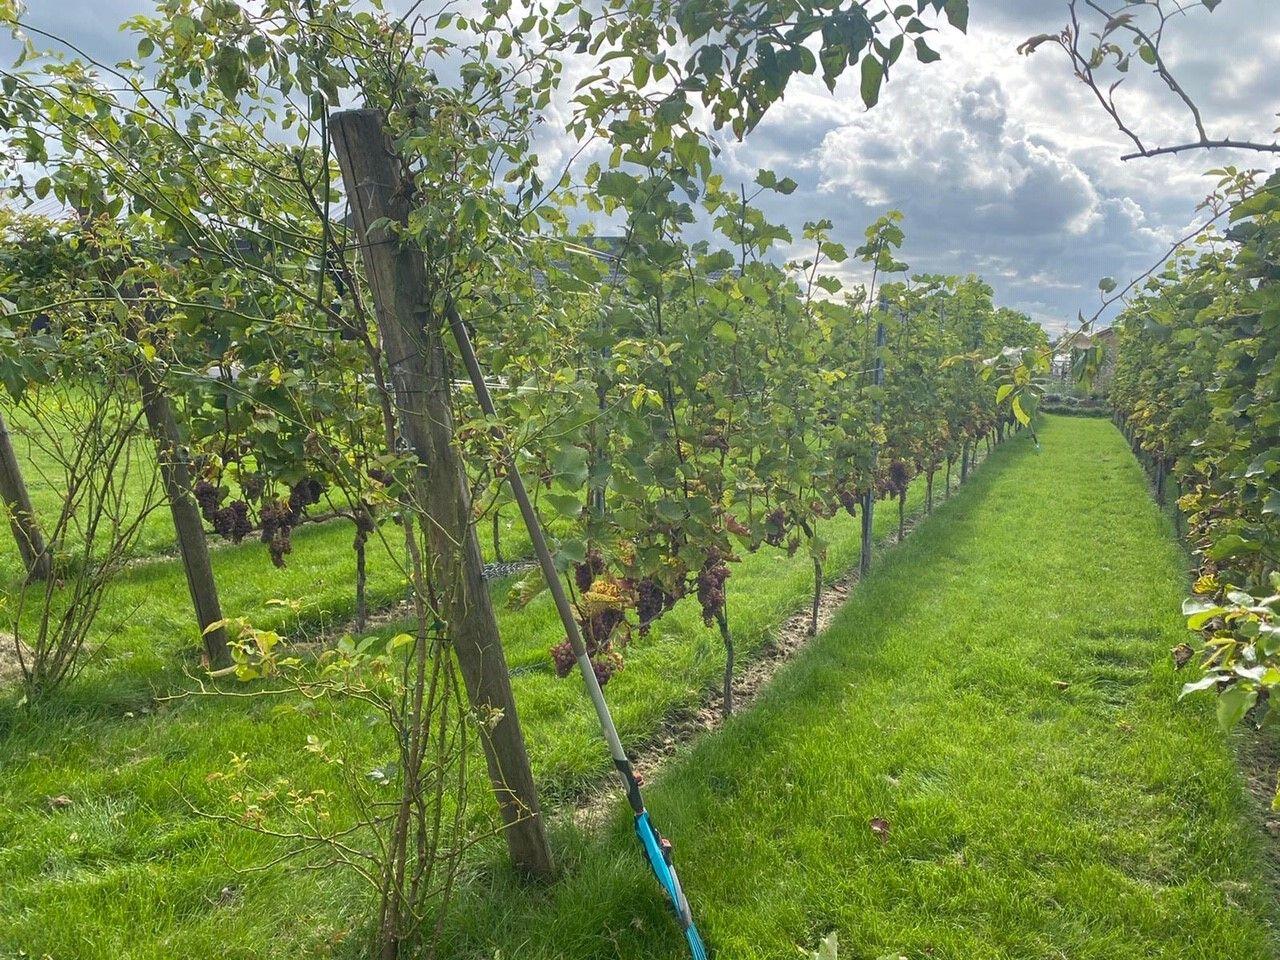 Corona geeft boeren die willen veranderen een zetje in de goede richting